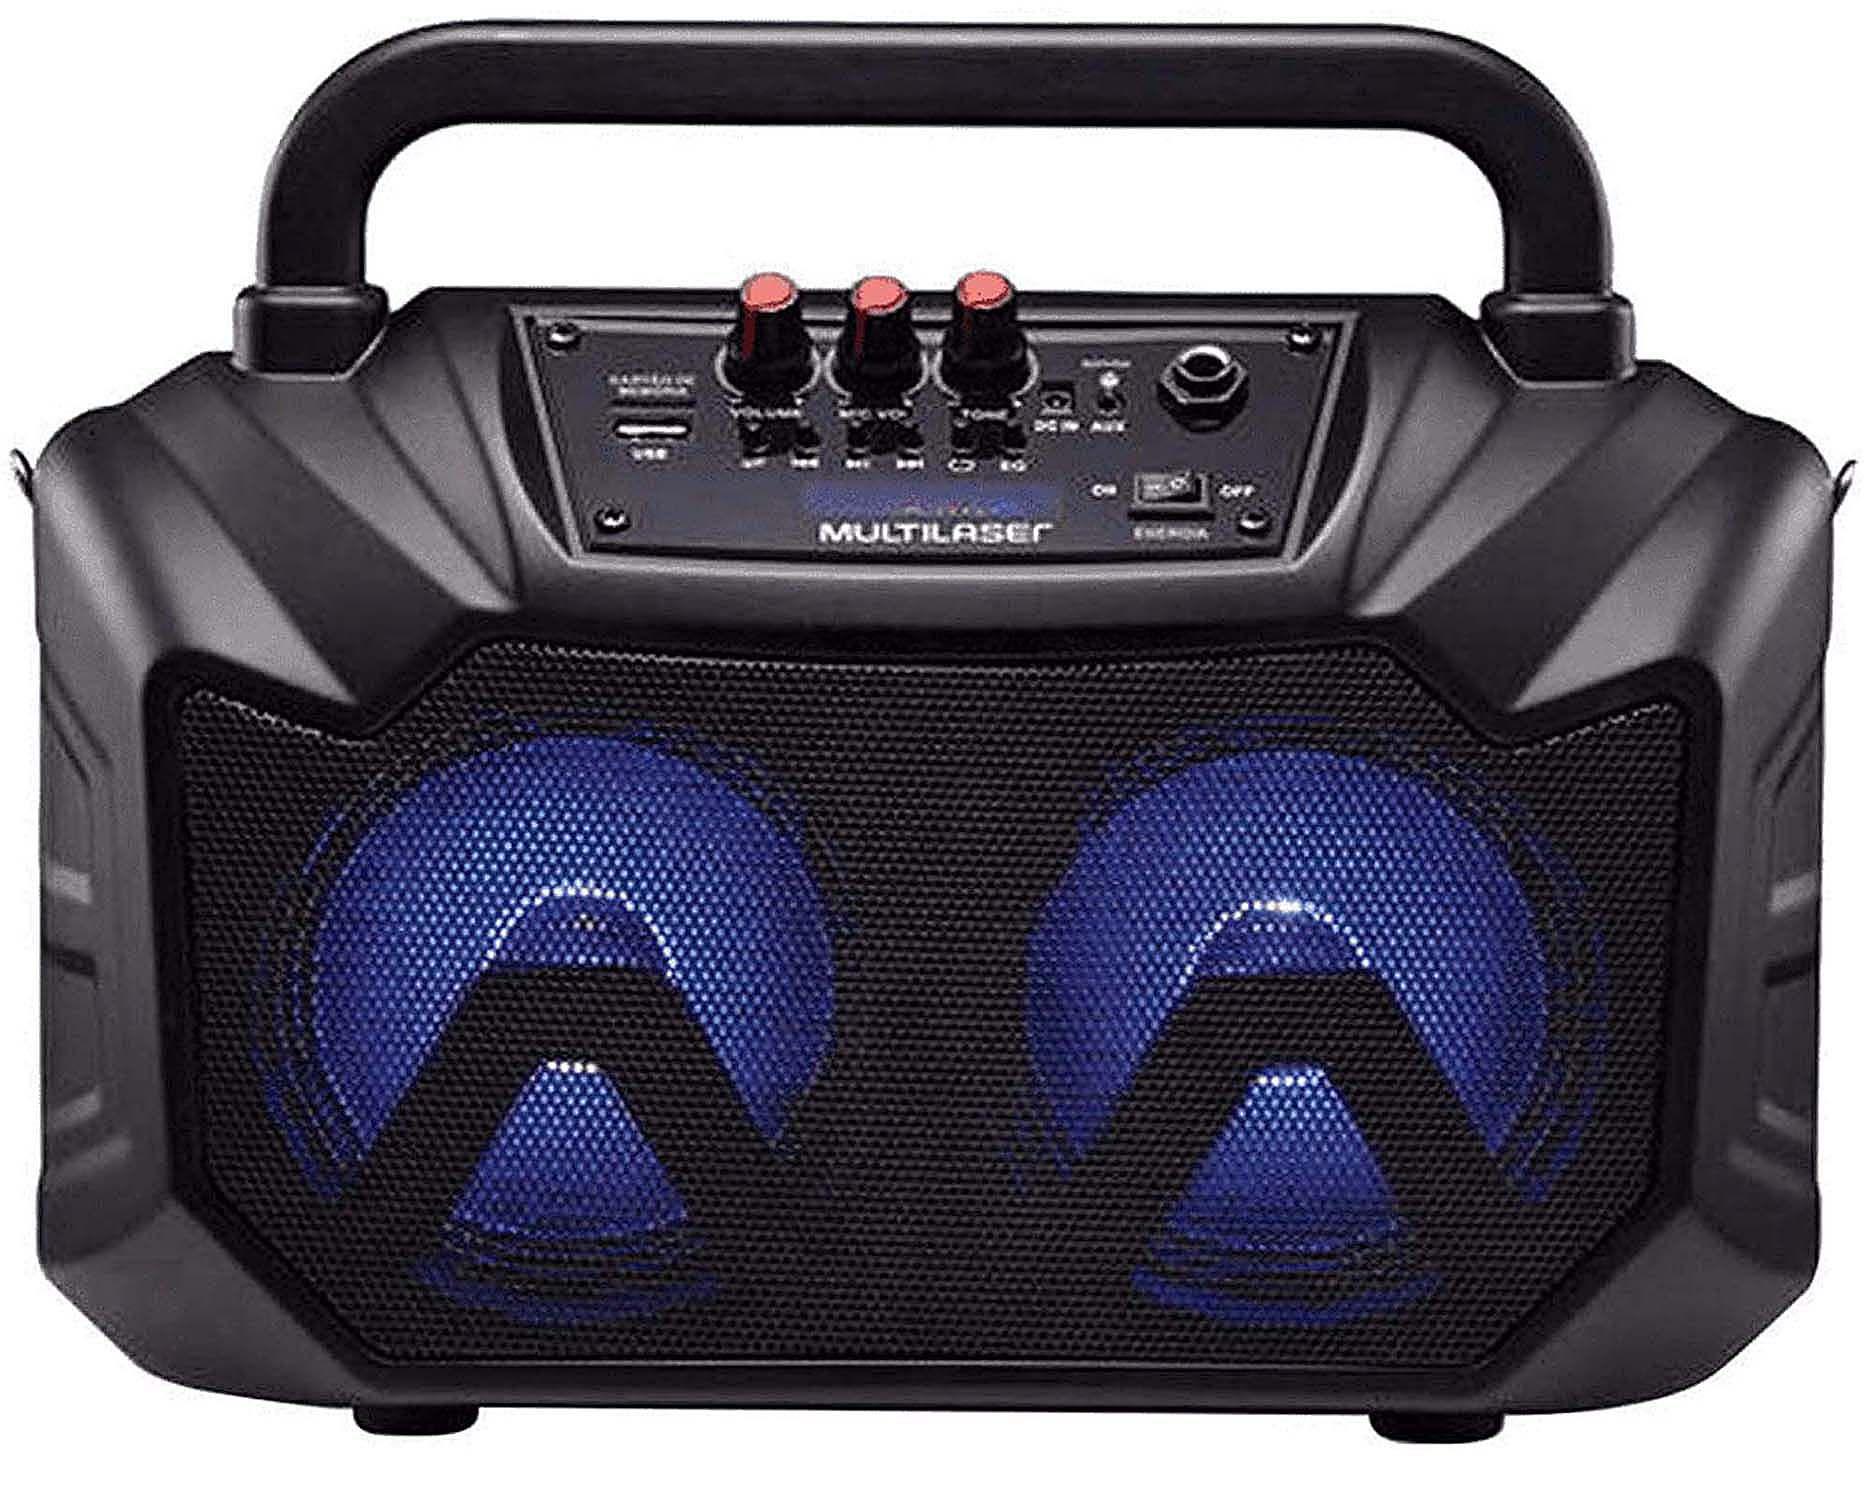 Caixa De Som Amplificadora Portátil Bluetooth Usb Sd Rádio Fm Bateria Recarregável Auxiliar Display Led 80W RMS Alça Transporte Multilaser Original